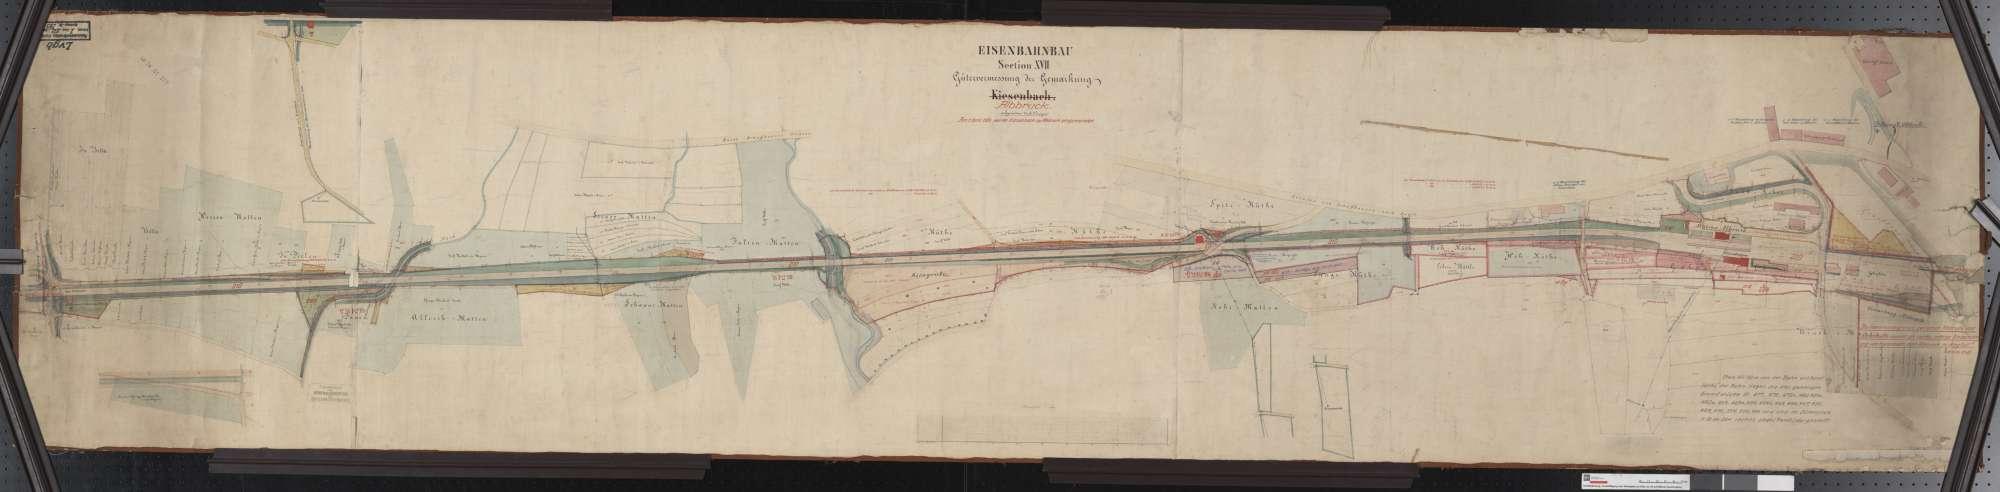 Gütervermessung der Eisenbahn auf der Gemarkung (Kiesenbach) Albbruck Streckenausschnitt: 317,6 bis 319,9 km, Bild 1